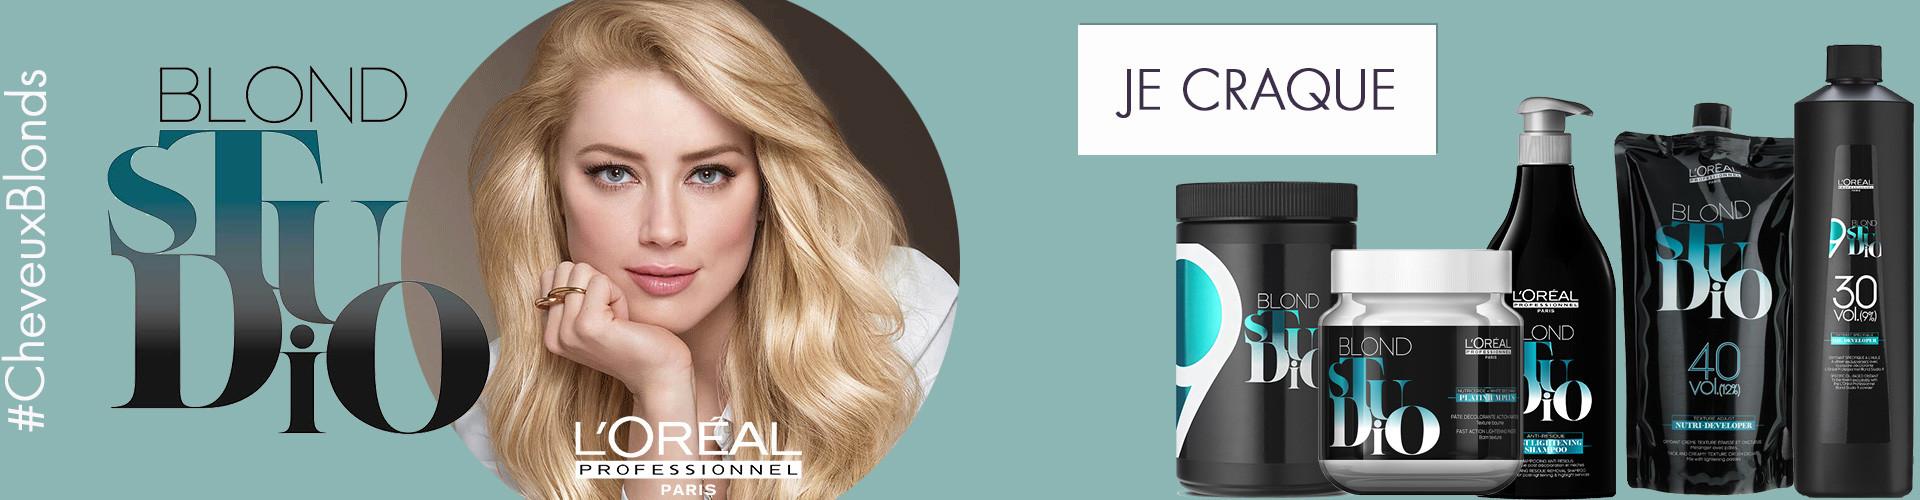 blond studio par l'Oréal Professionnel, produit technique pour devenir blonde